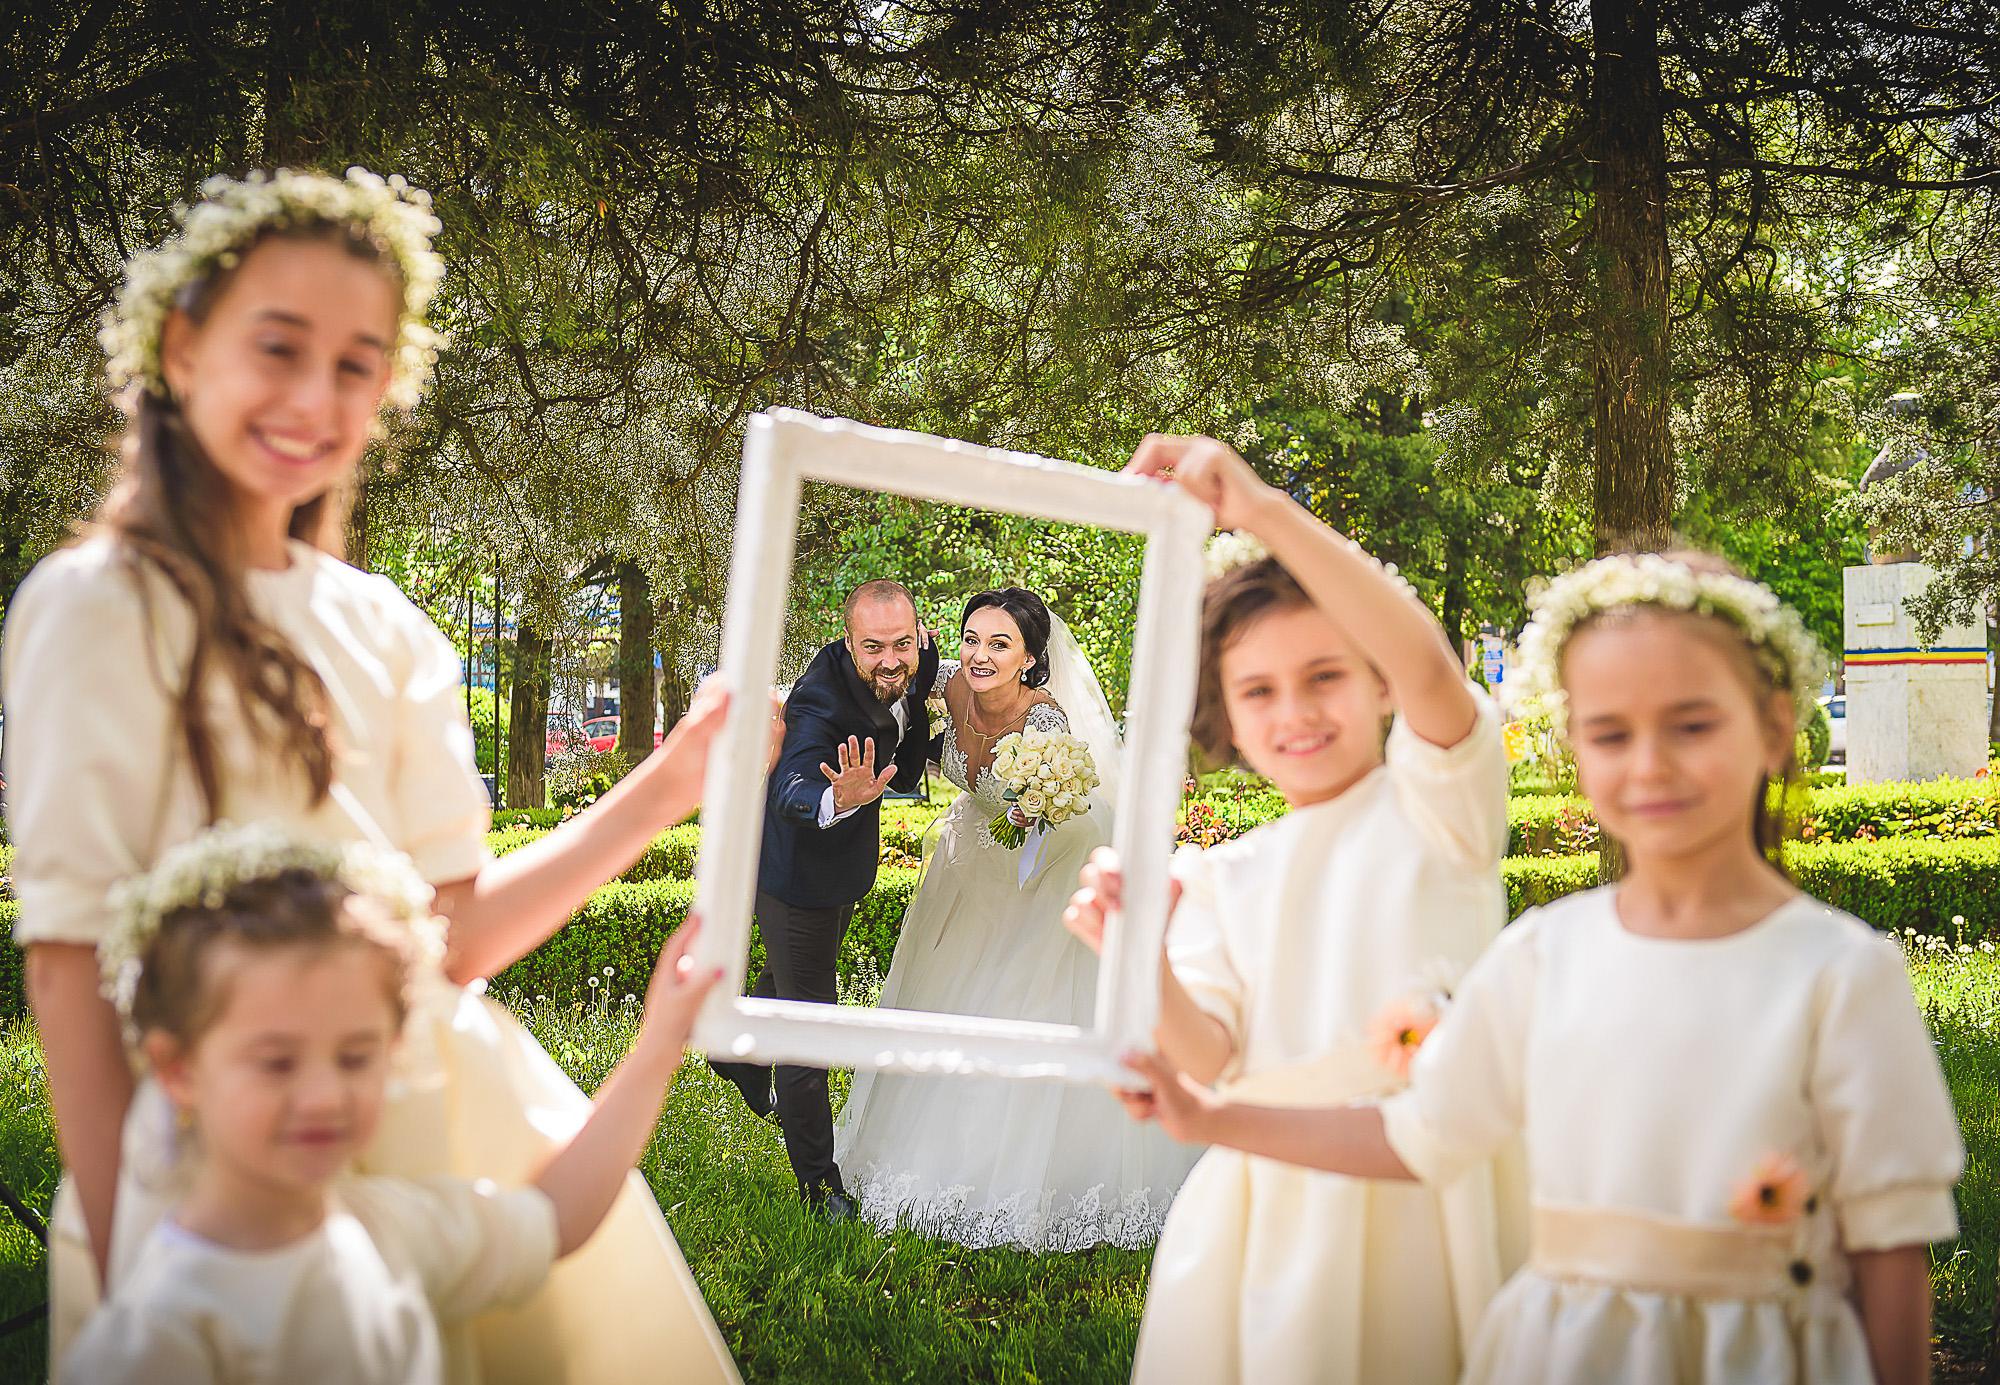 domnisoarele de onoare, distractie in parc, fotosedinta distractiva, fotografie creativa de nunta, fotograf nunta mures, foto nunta reghin, foto video reghin, foto video nunta mures